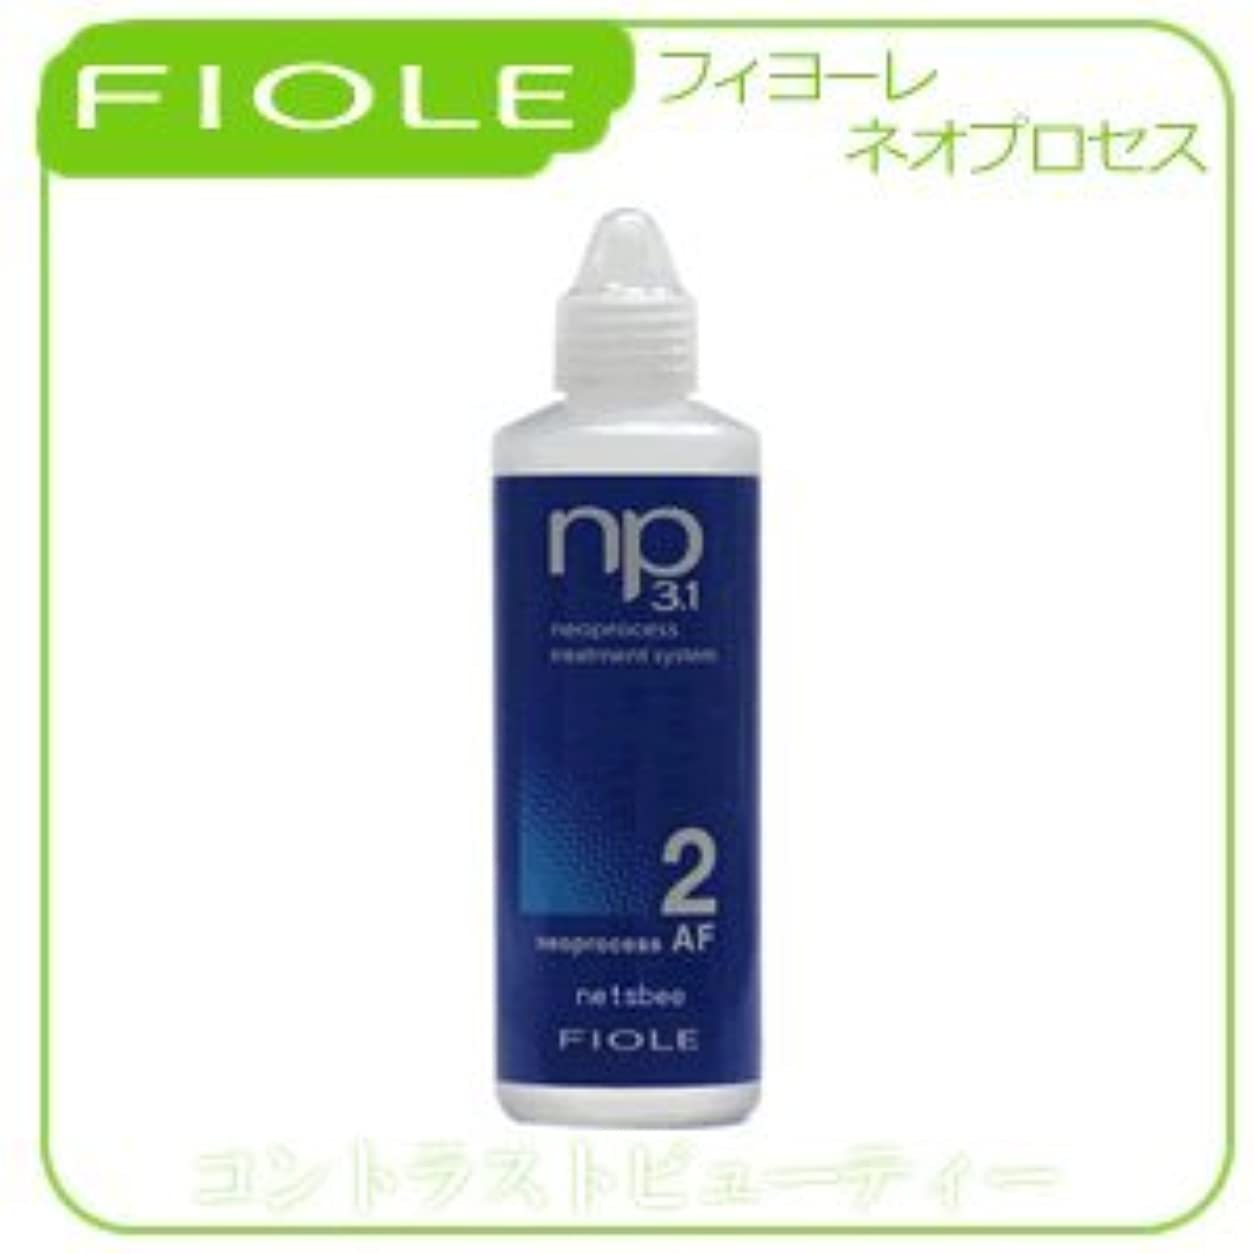 かりてフォルダ駐地【X4個セット】 フィヨーレ NP3.1 ネオプロセス AF2 130ml FIOLE ネオプロセス